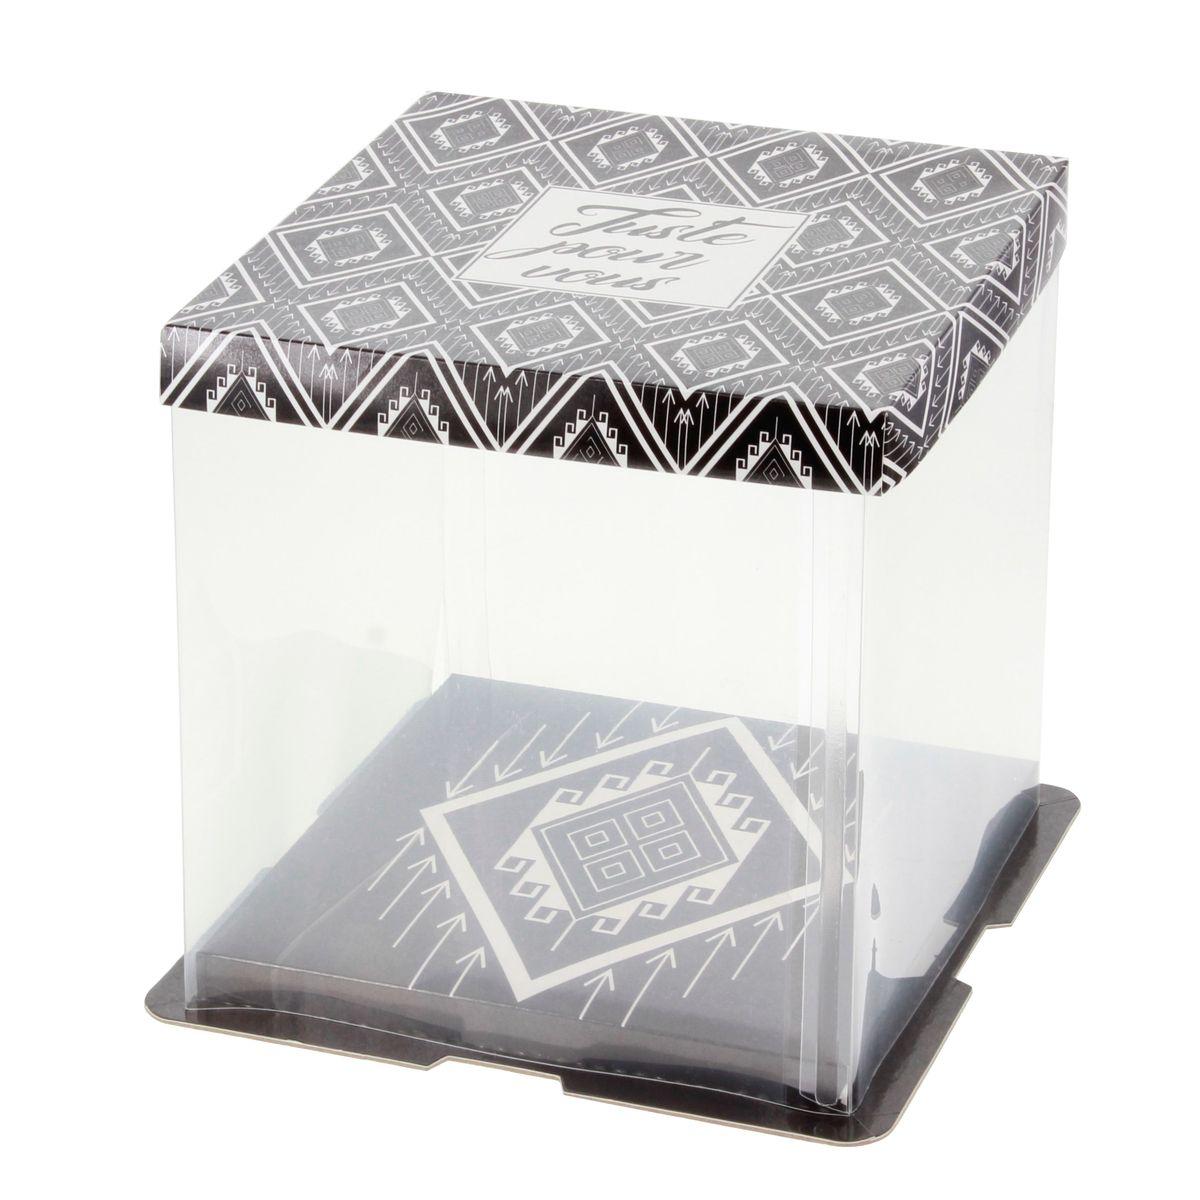 Boîte à gâteaux vitrine 21 x 21 x 22 cm - Patisdecor